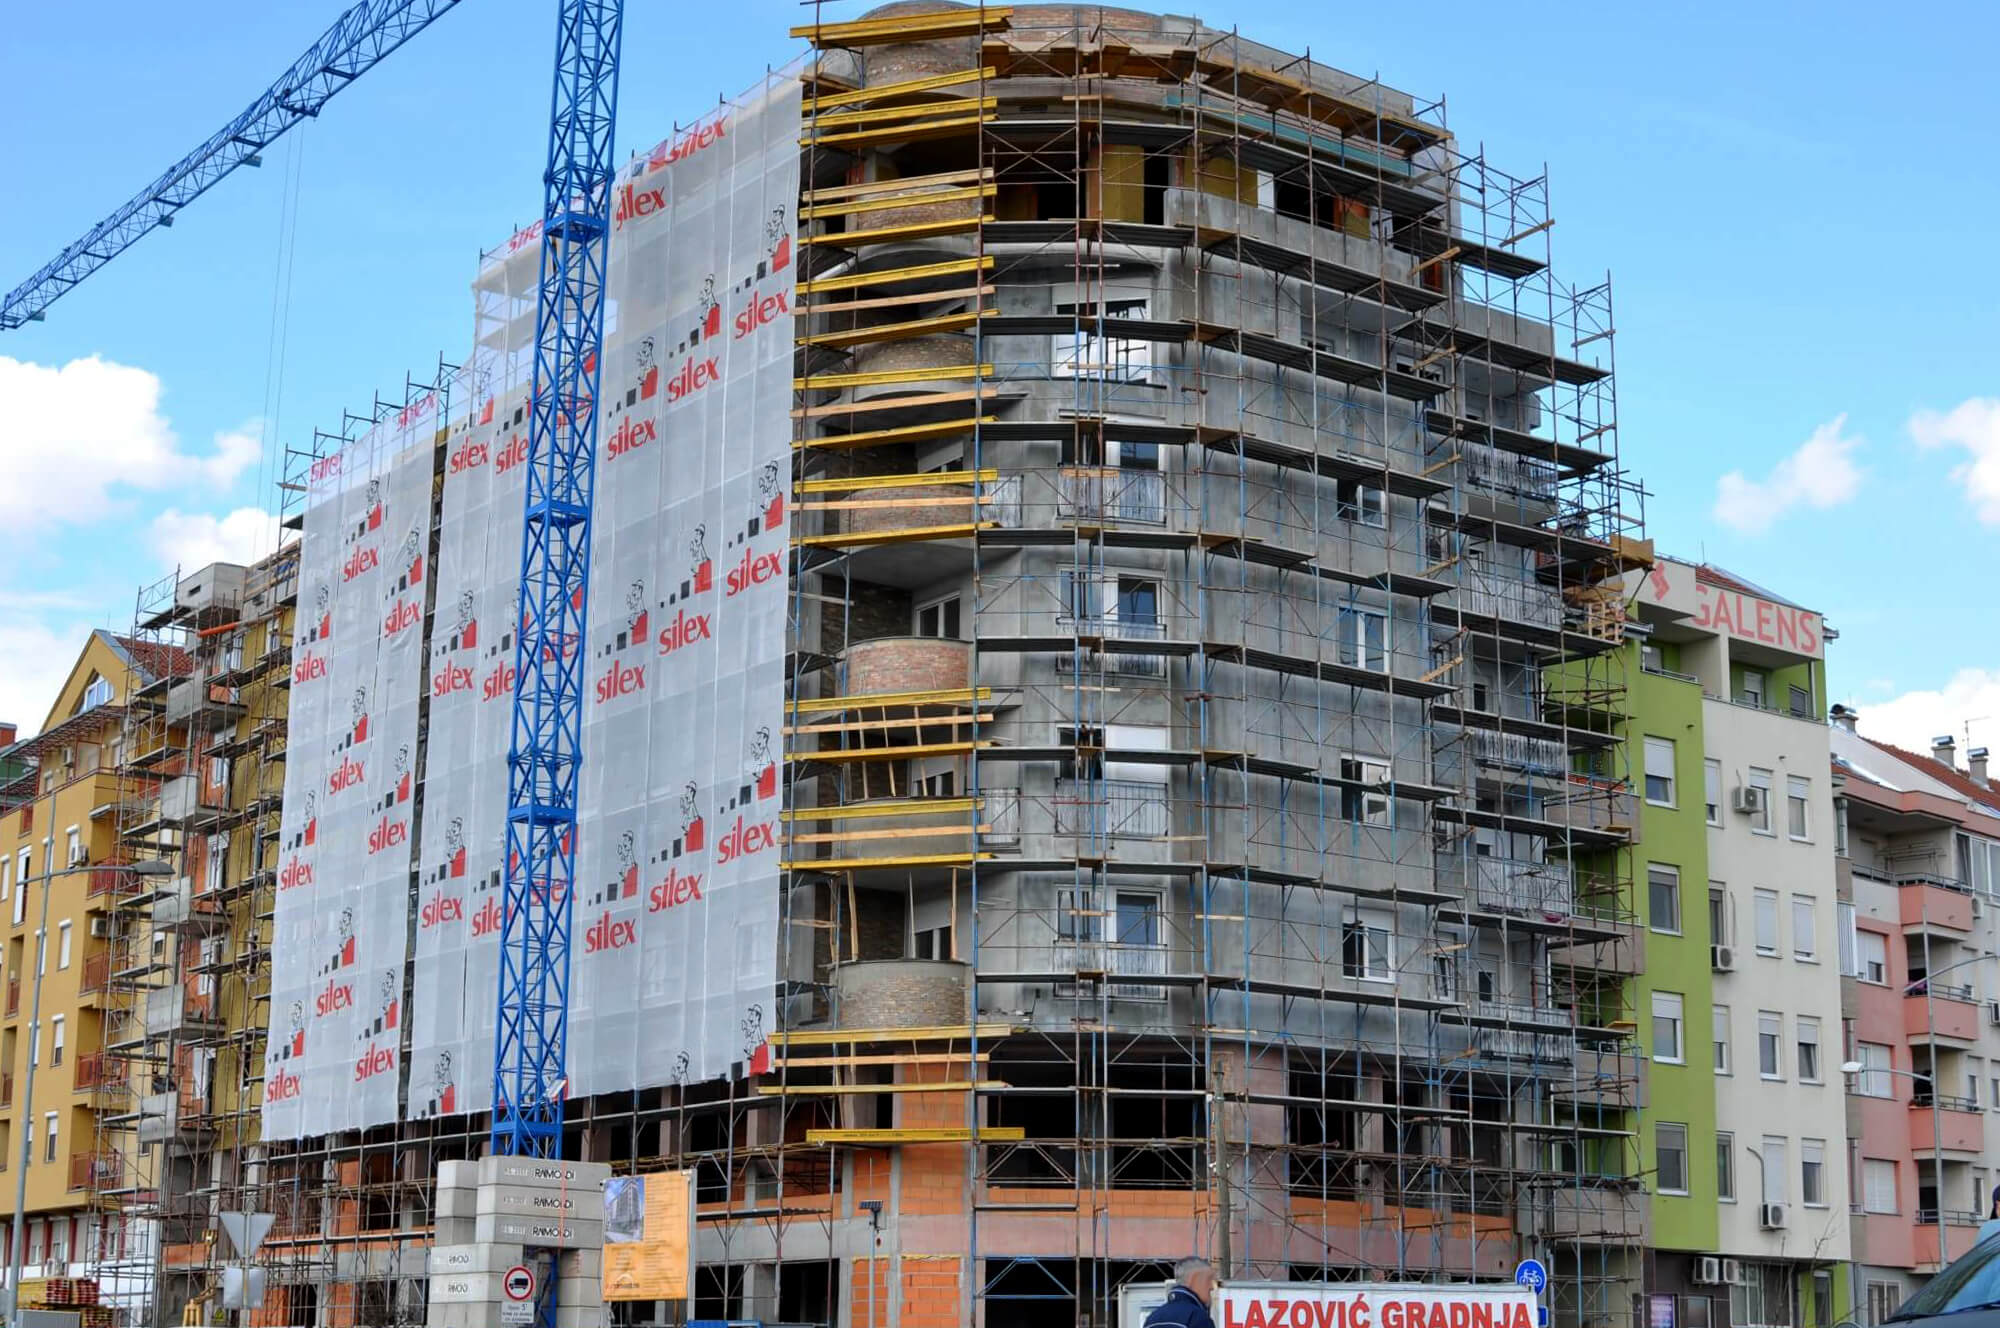 Lazović Gradnja, Novi Sad